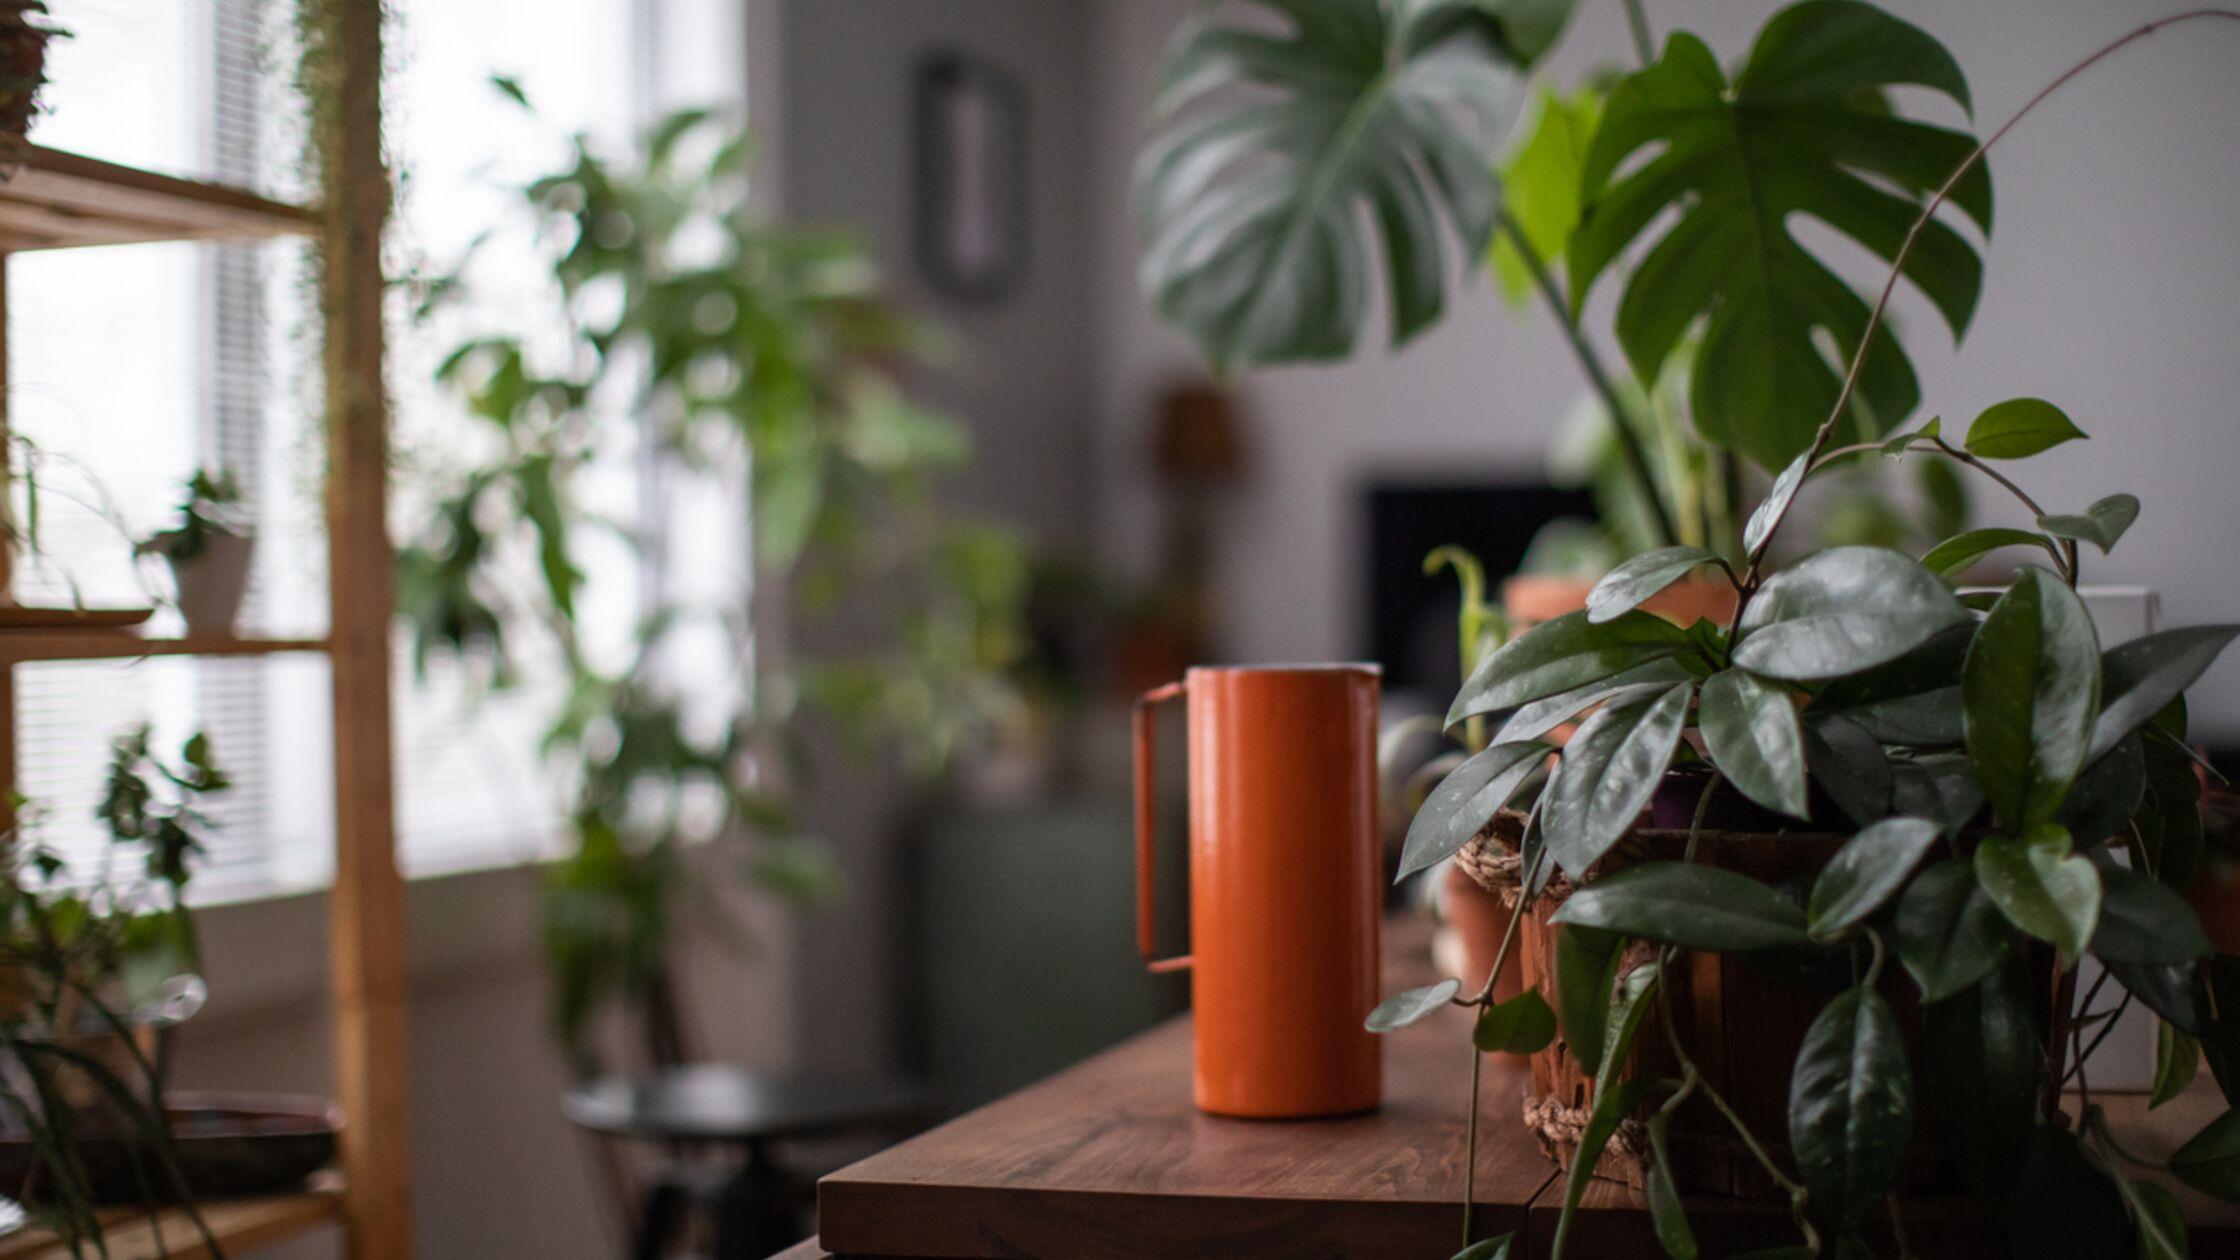 Dunkle Räume im neuen Heim: Diese Zimmerpflanzen kommen mit wenig Licht aus